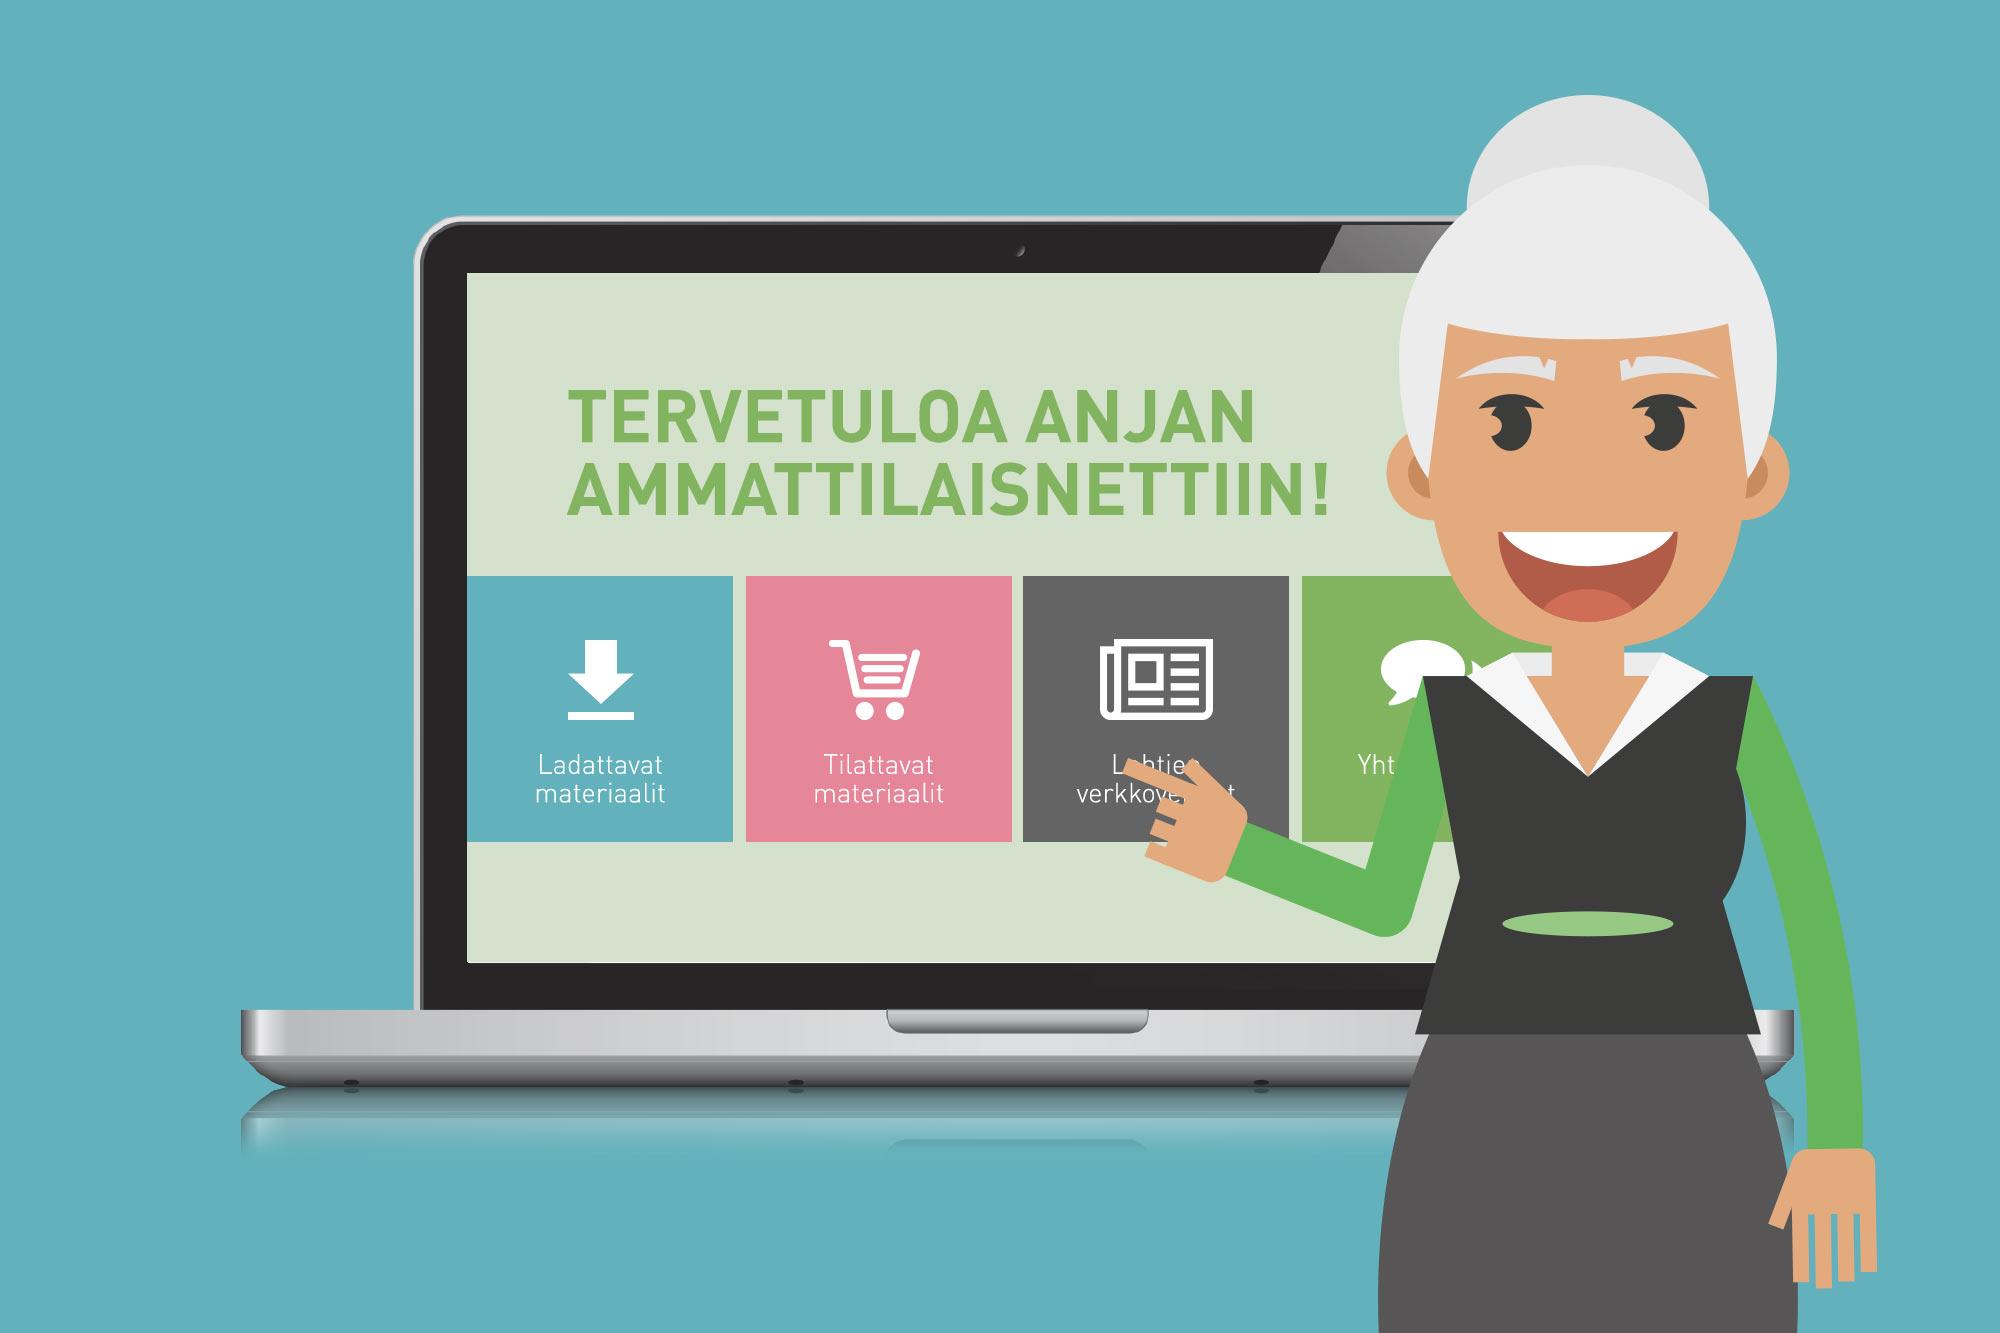 Tilaa Anja-materiaalit Ammattilaisnetistä